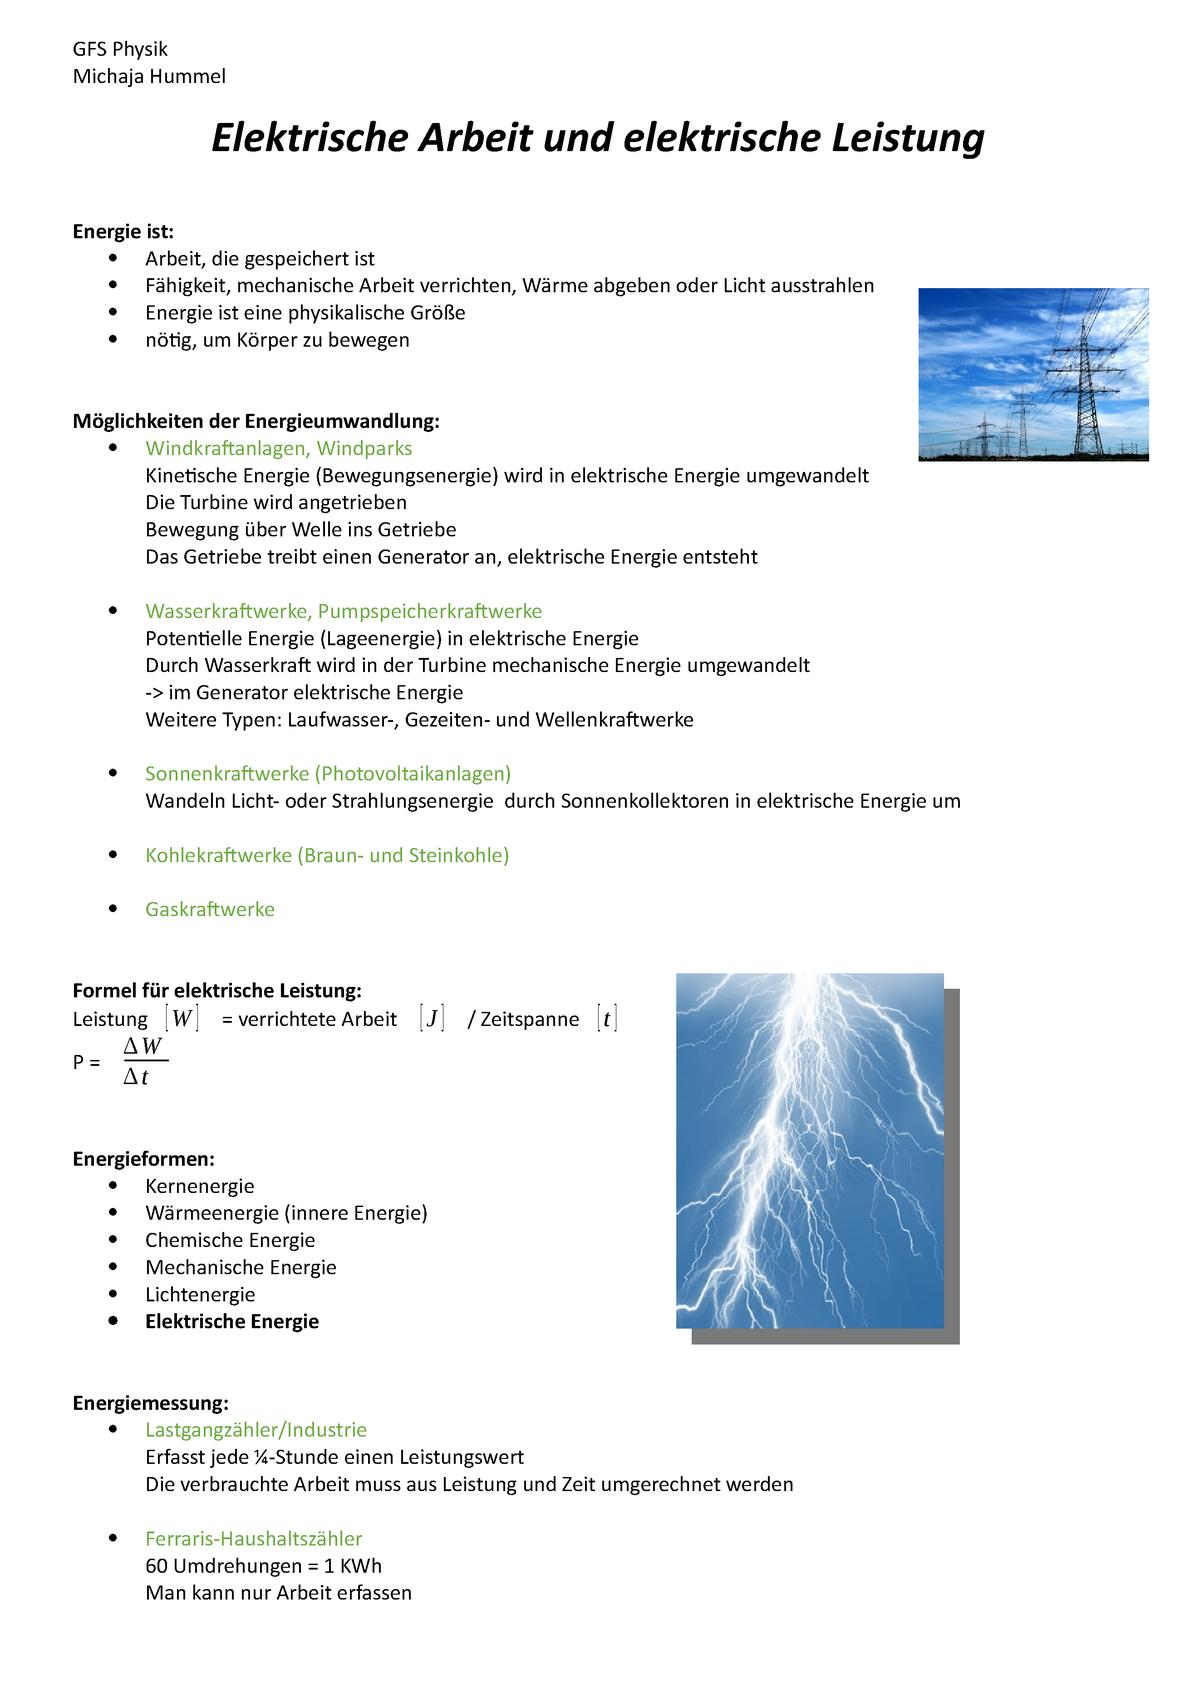 Physik GFS Handout   Elektrische Arbeit und elektrische Leistung ...